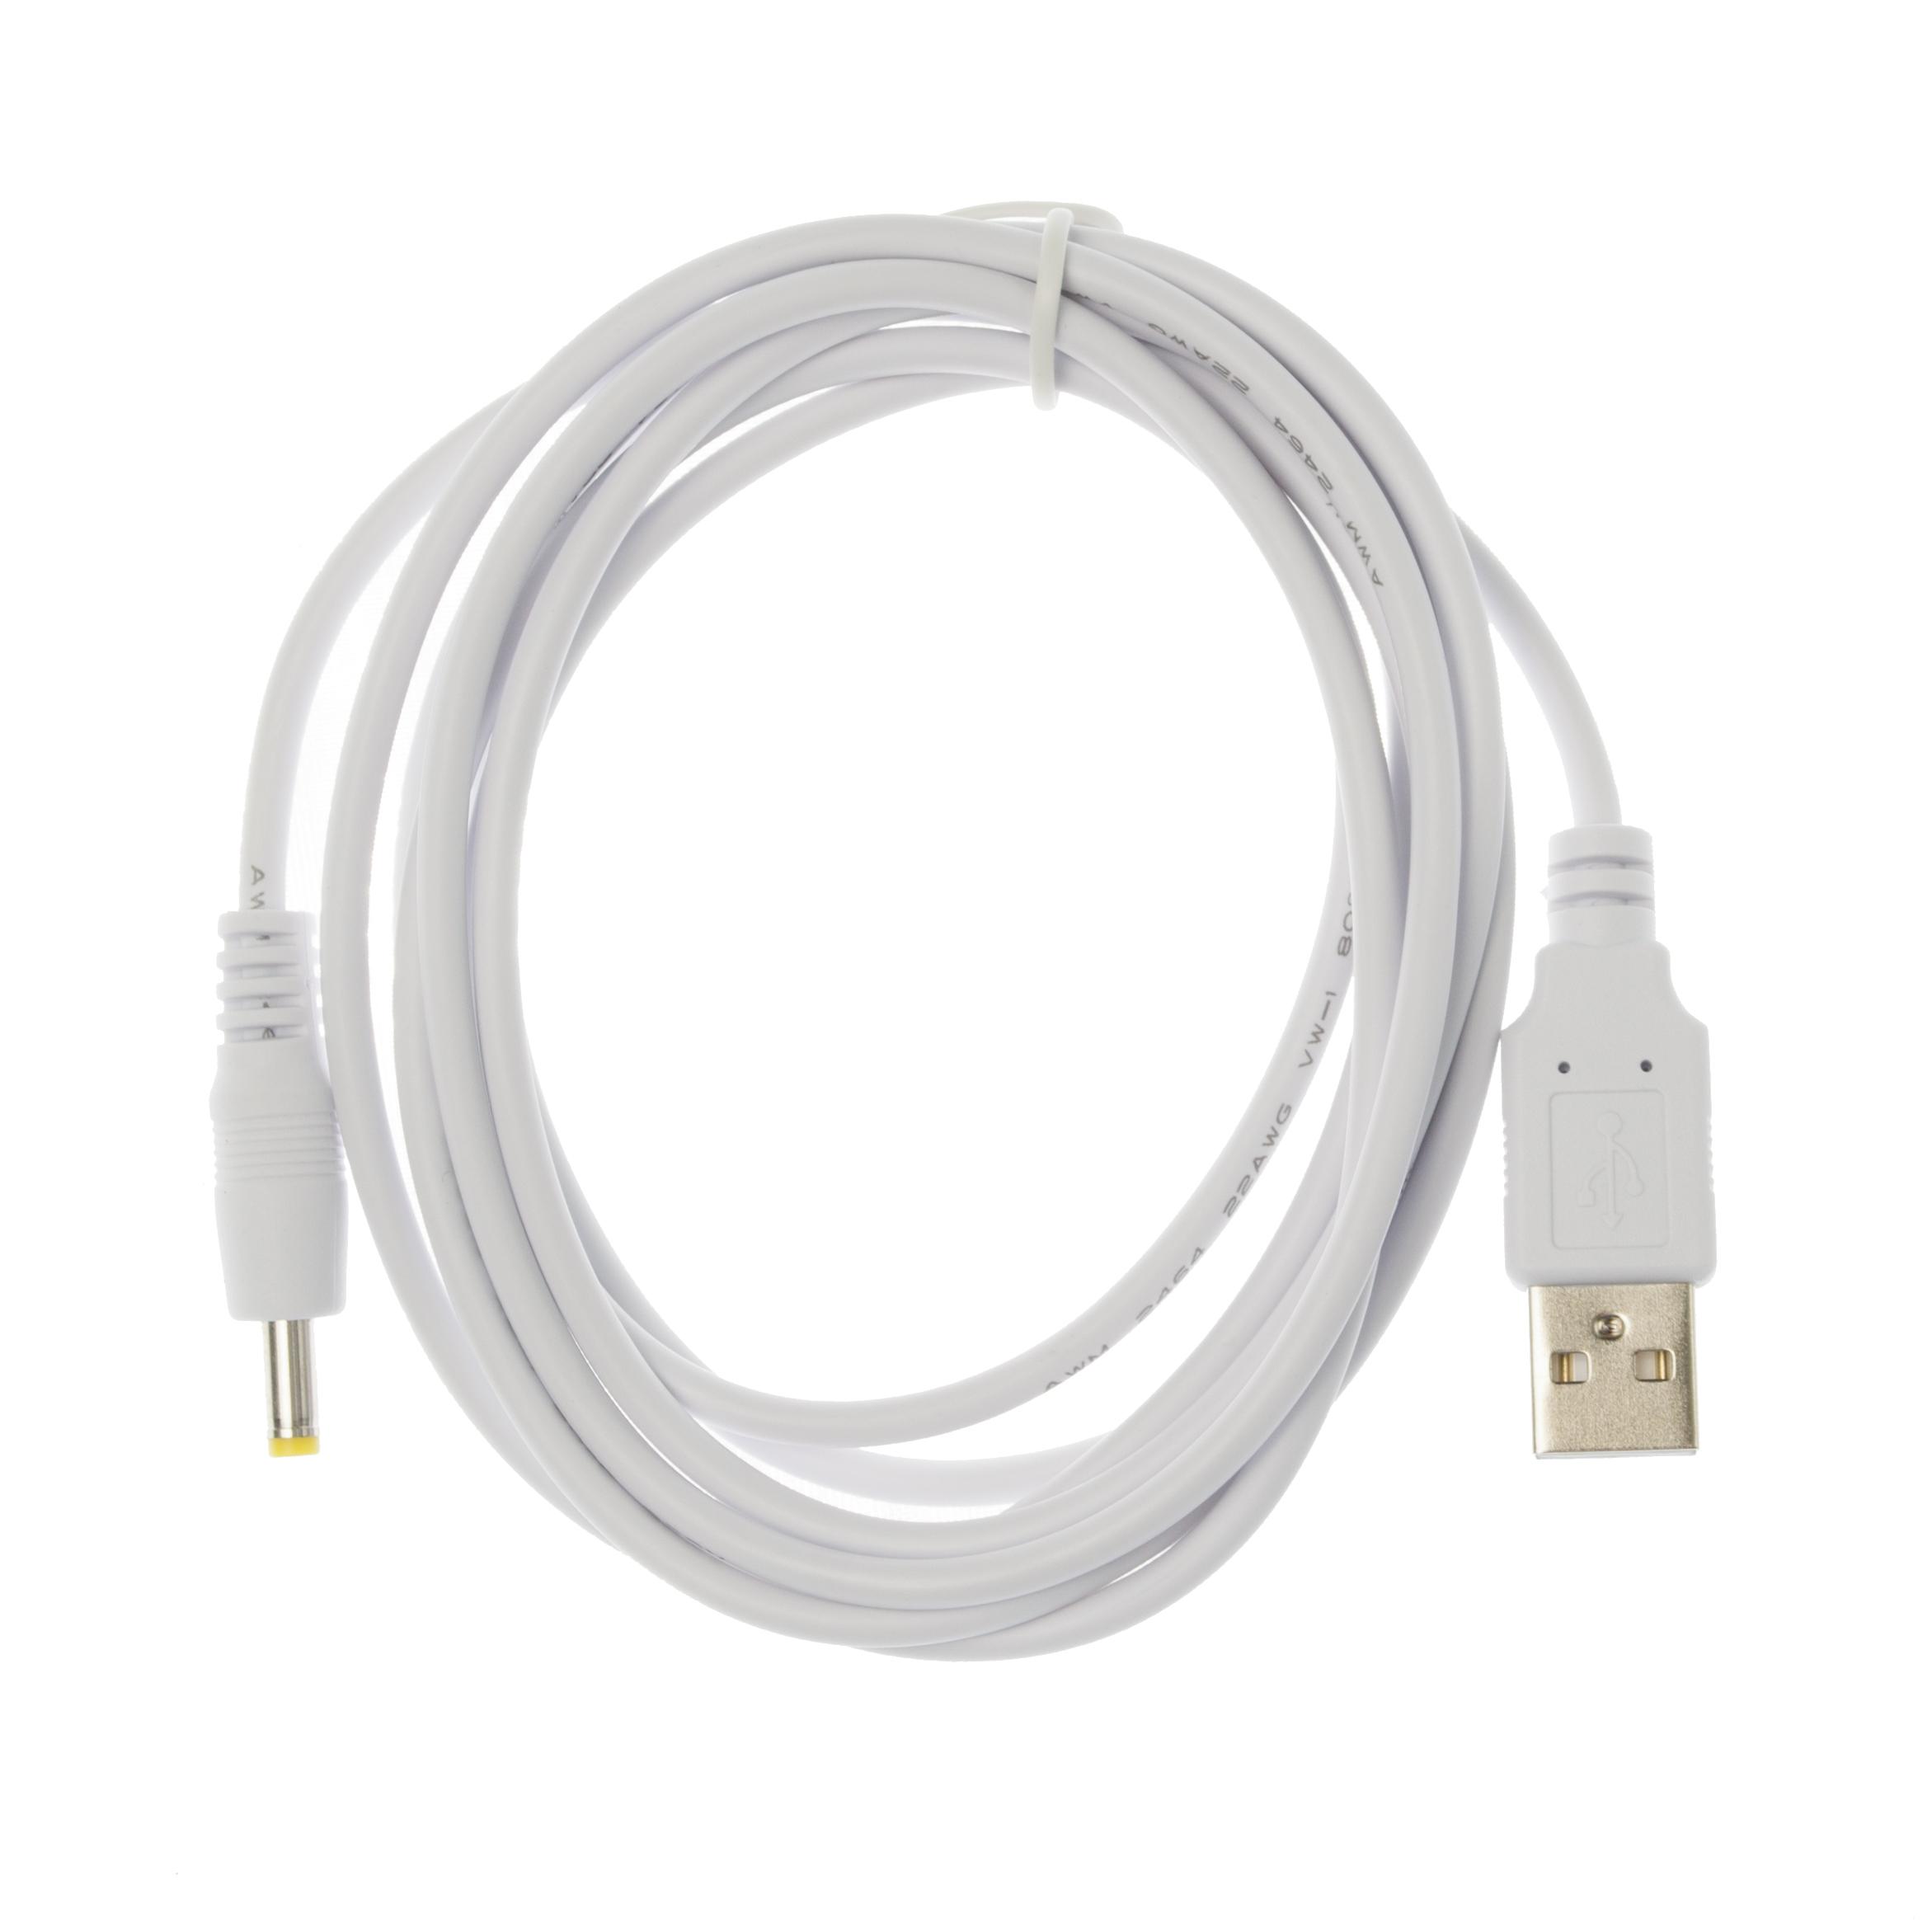 2m USB Cargador con Cable De Alimentación Blanco Para Cámara Ip Samsung SmartCam SNH-1011N